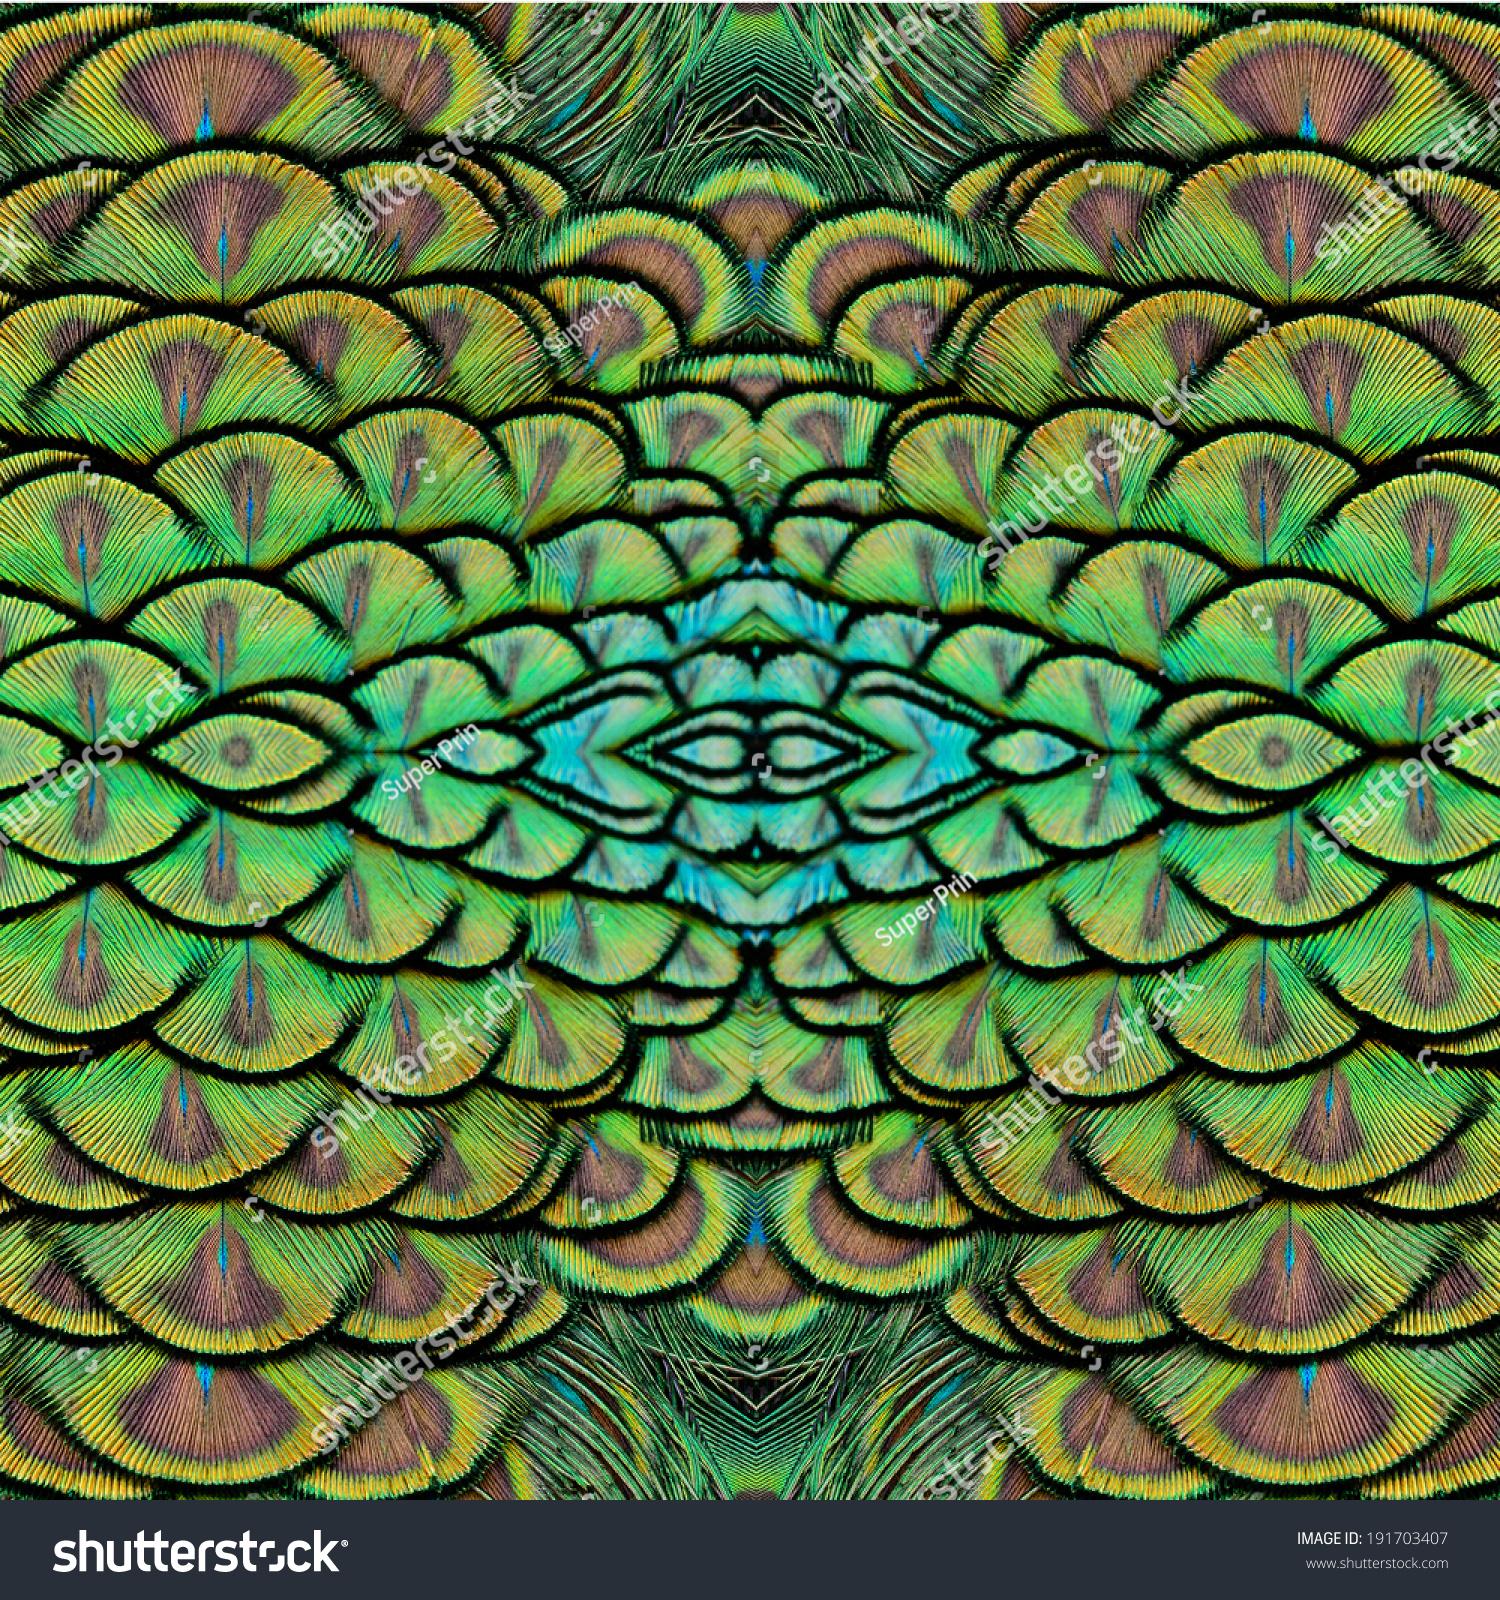 背景图案由绿色印度孔雀羽毛-背景/素材,自然-海洛()